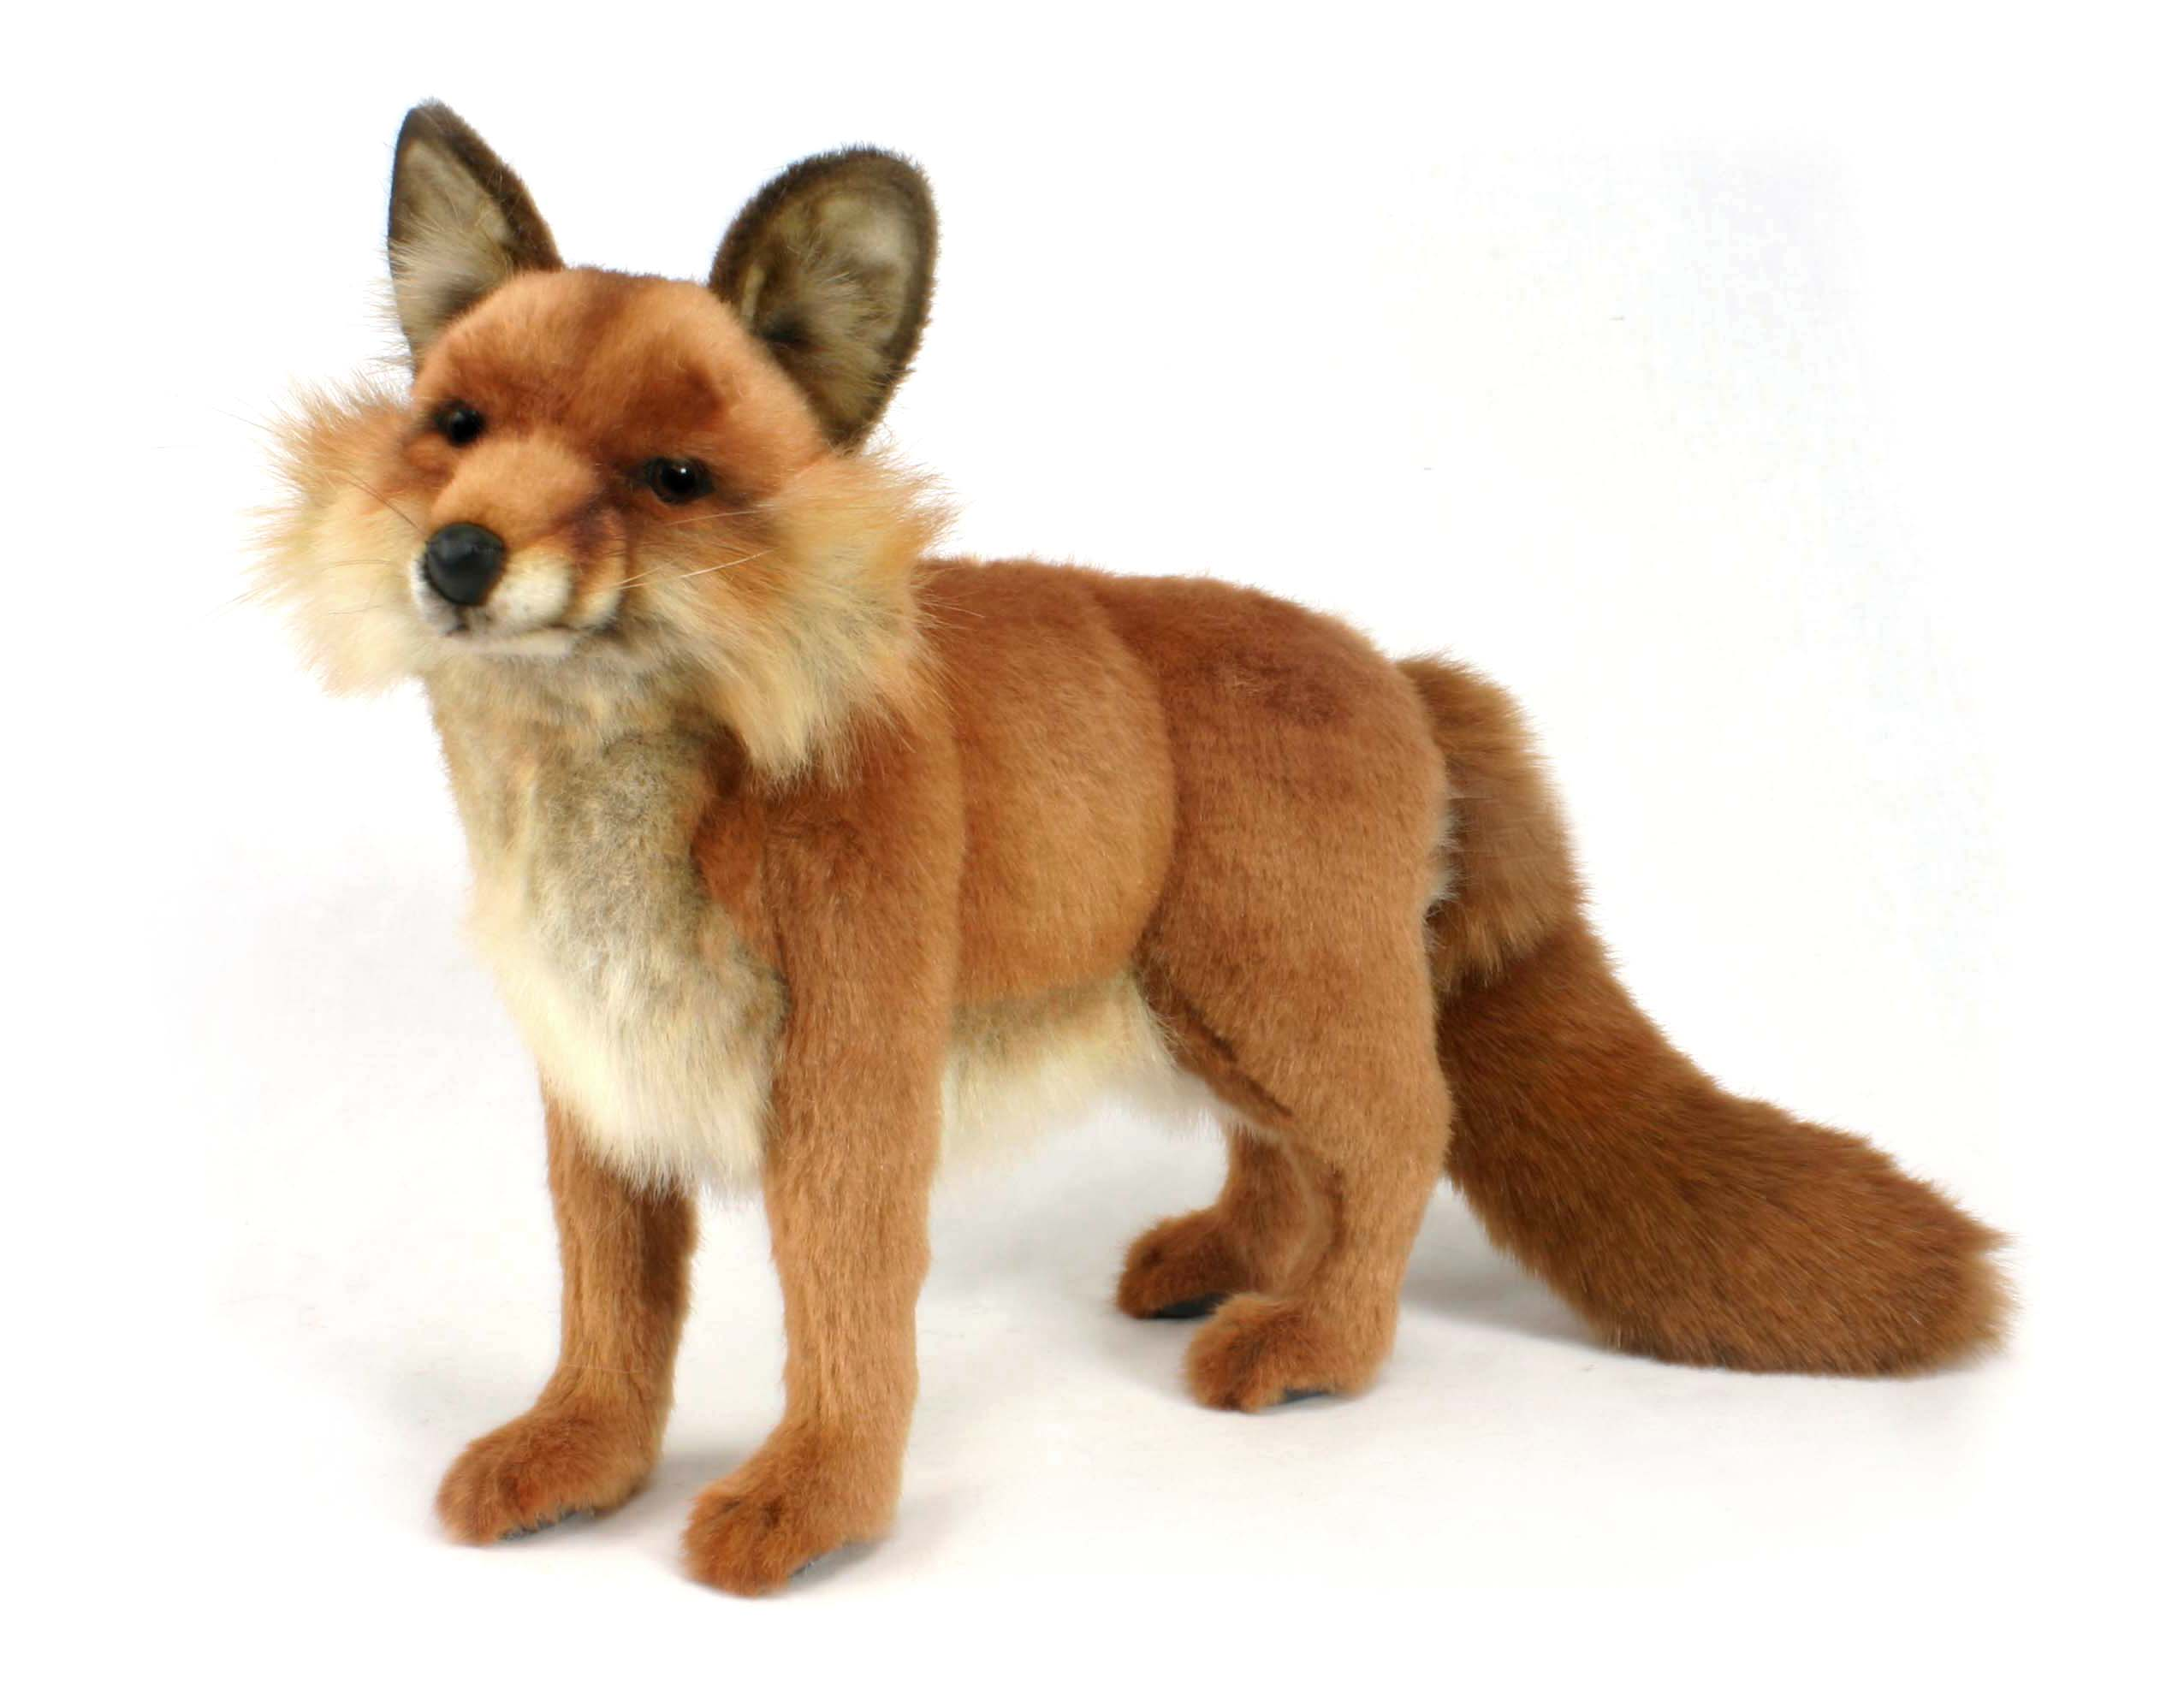 Рыжая лисица, 40 смДикие животные<br>Рыжая лисица, 40 см<br>